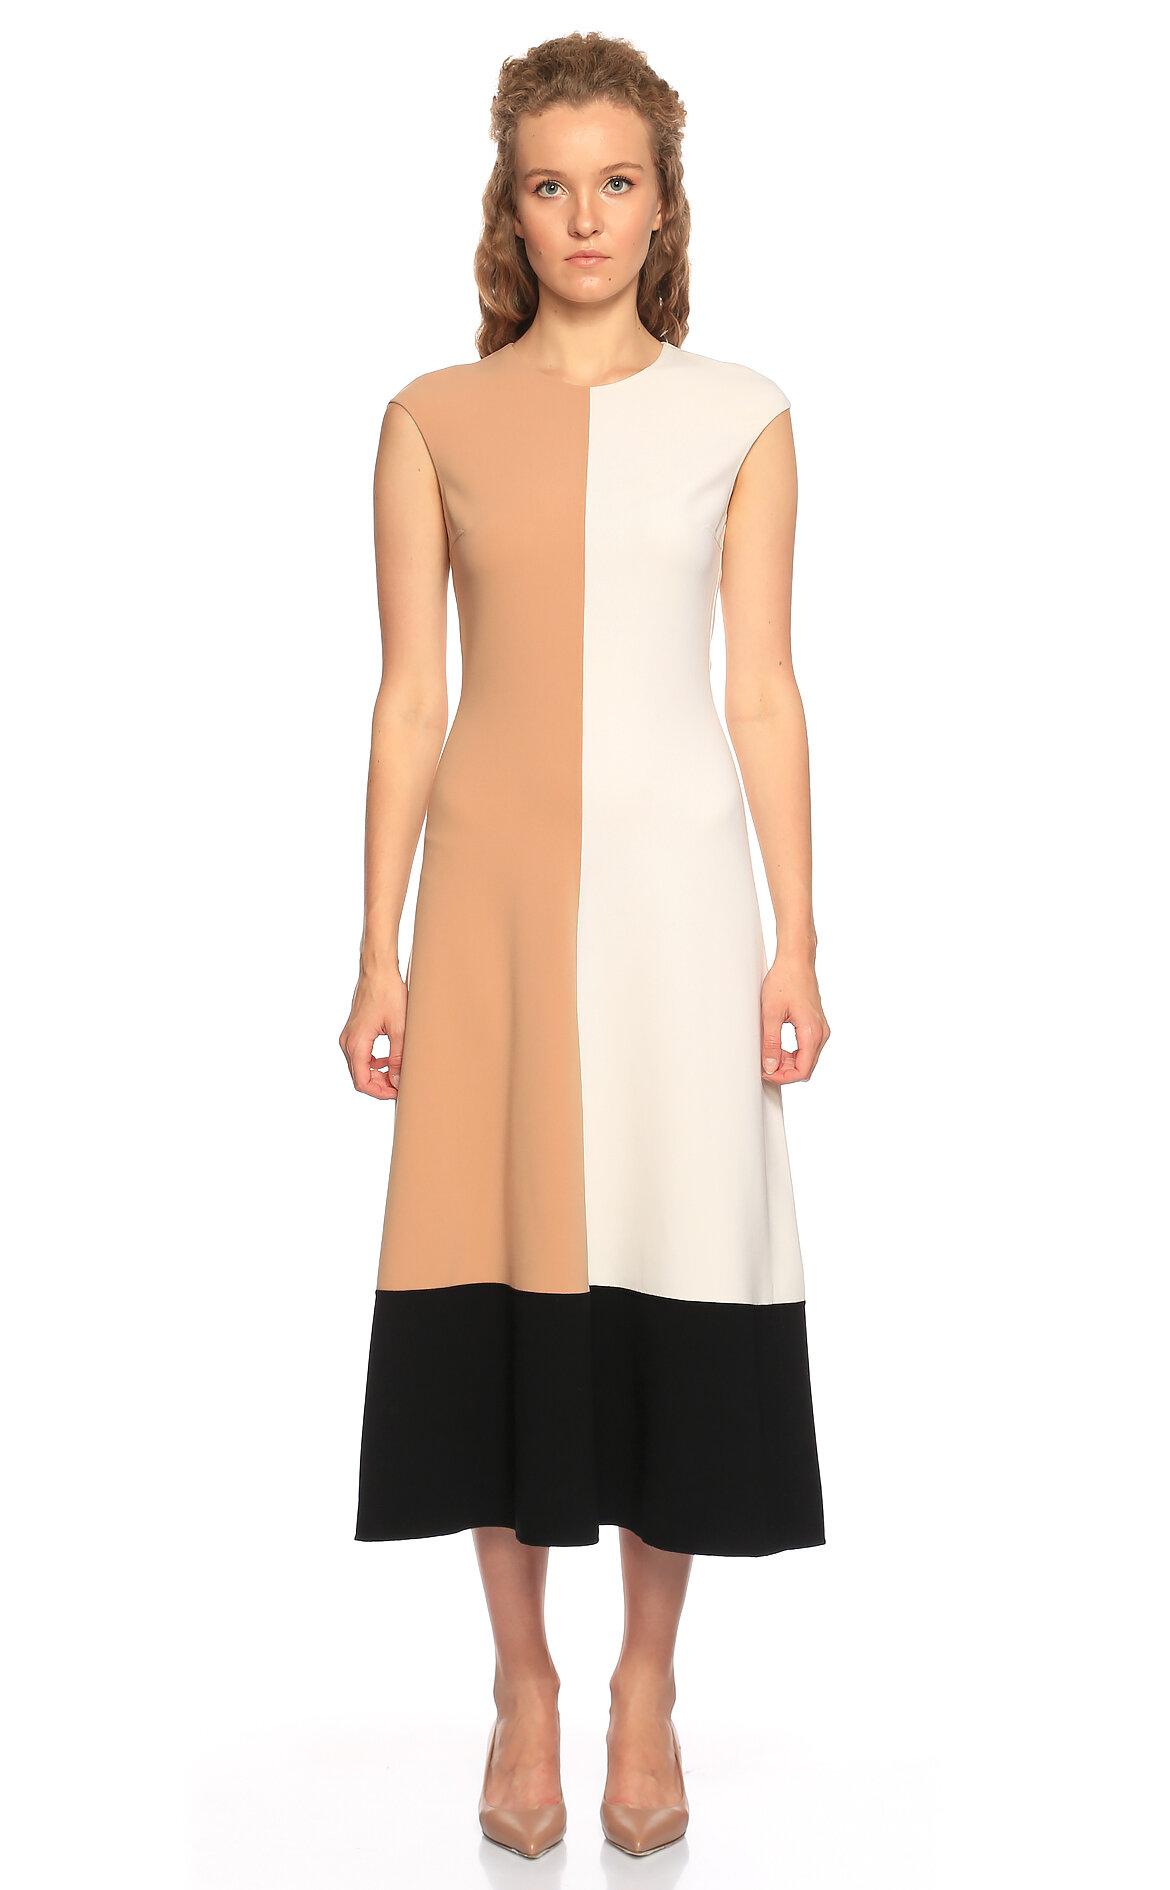 Michael Kors Collection-Michael Kors Collection Midi Siyah Beyaz Elbise